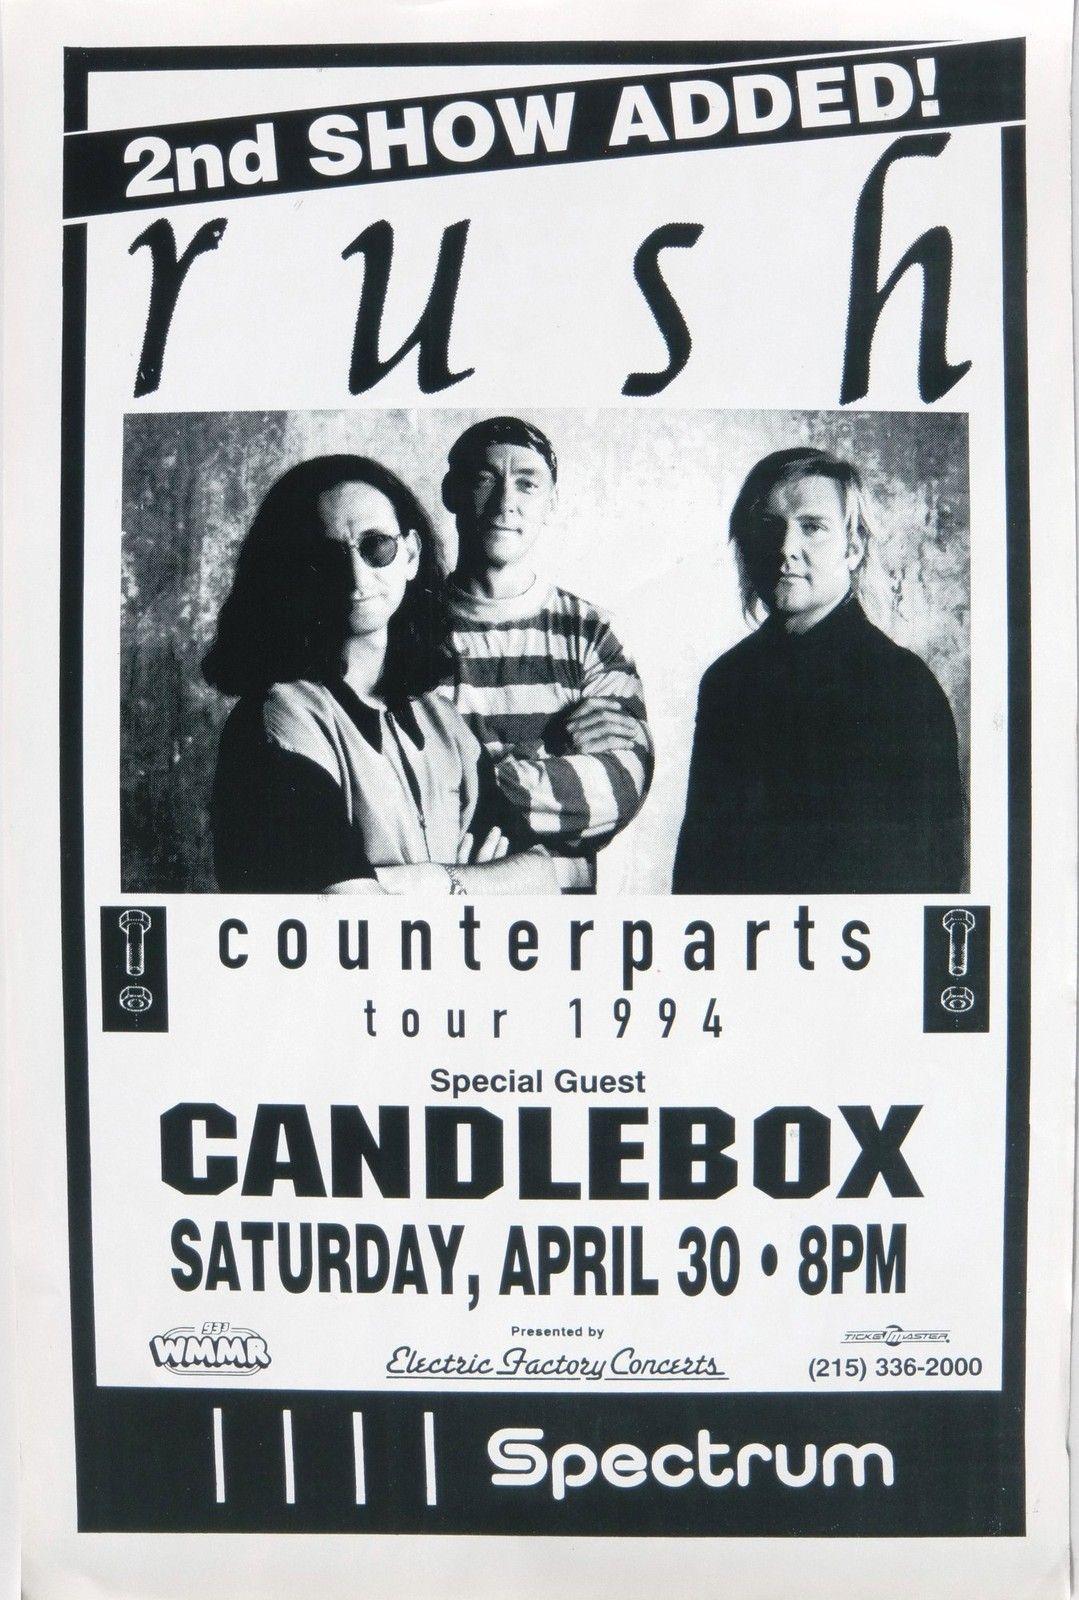 RAUDO: los discos de RUSH de peor a mejor - Página 3 1994-04-30